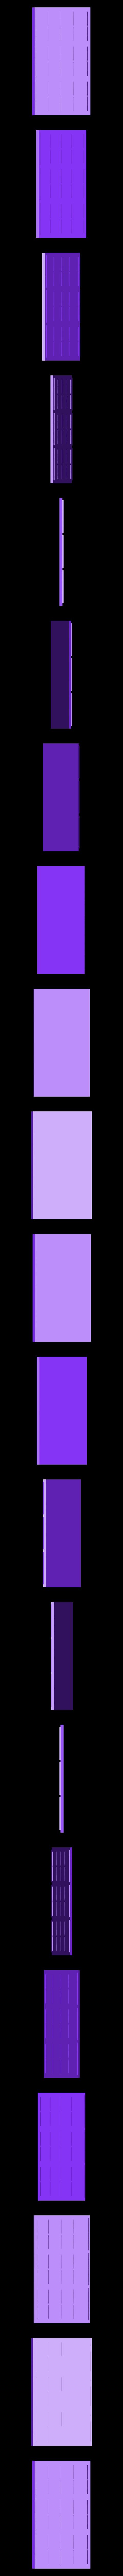 roof_panel1.stl Télécharger fichier STL gratuit Ripper's London - The (Modular) Factory • Modèle pour imprimante 3D, Earsling